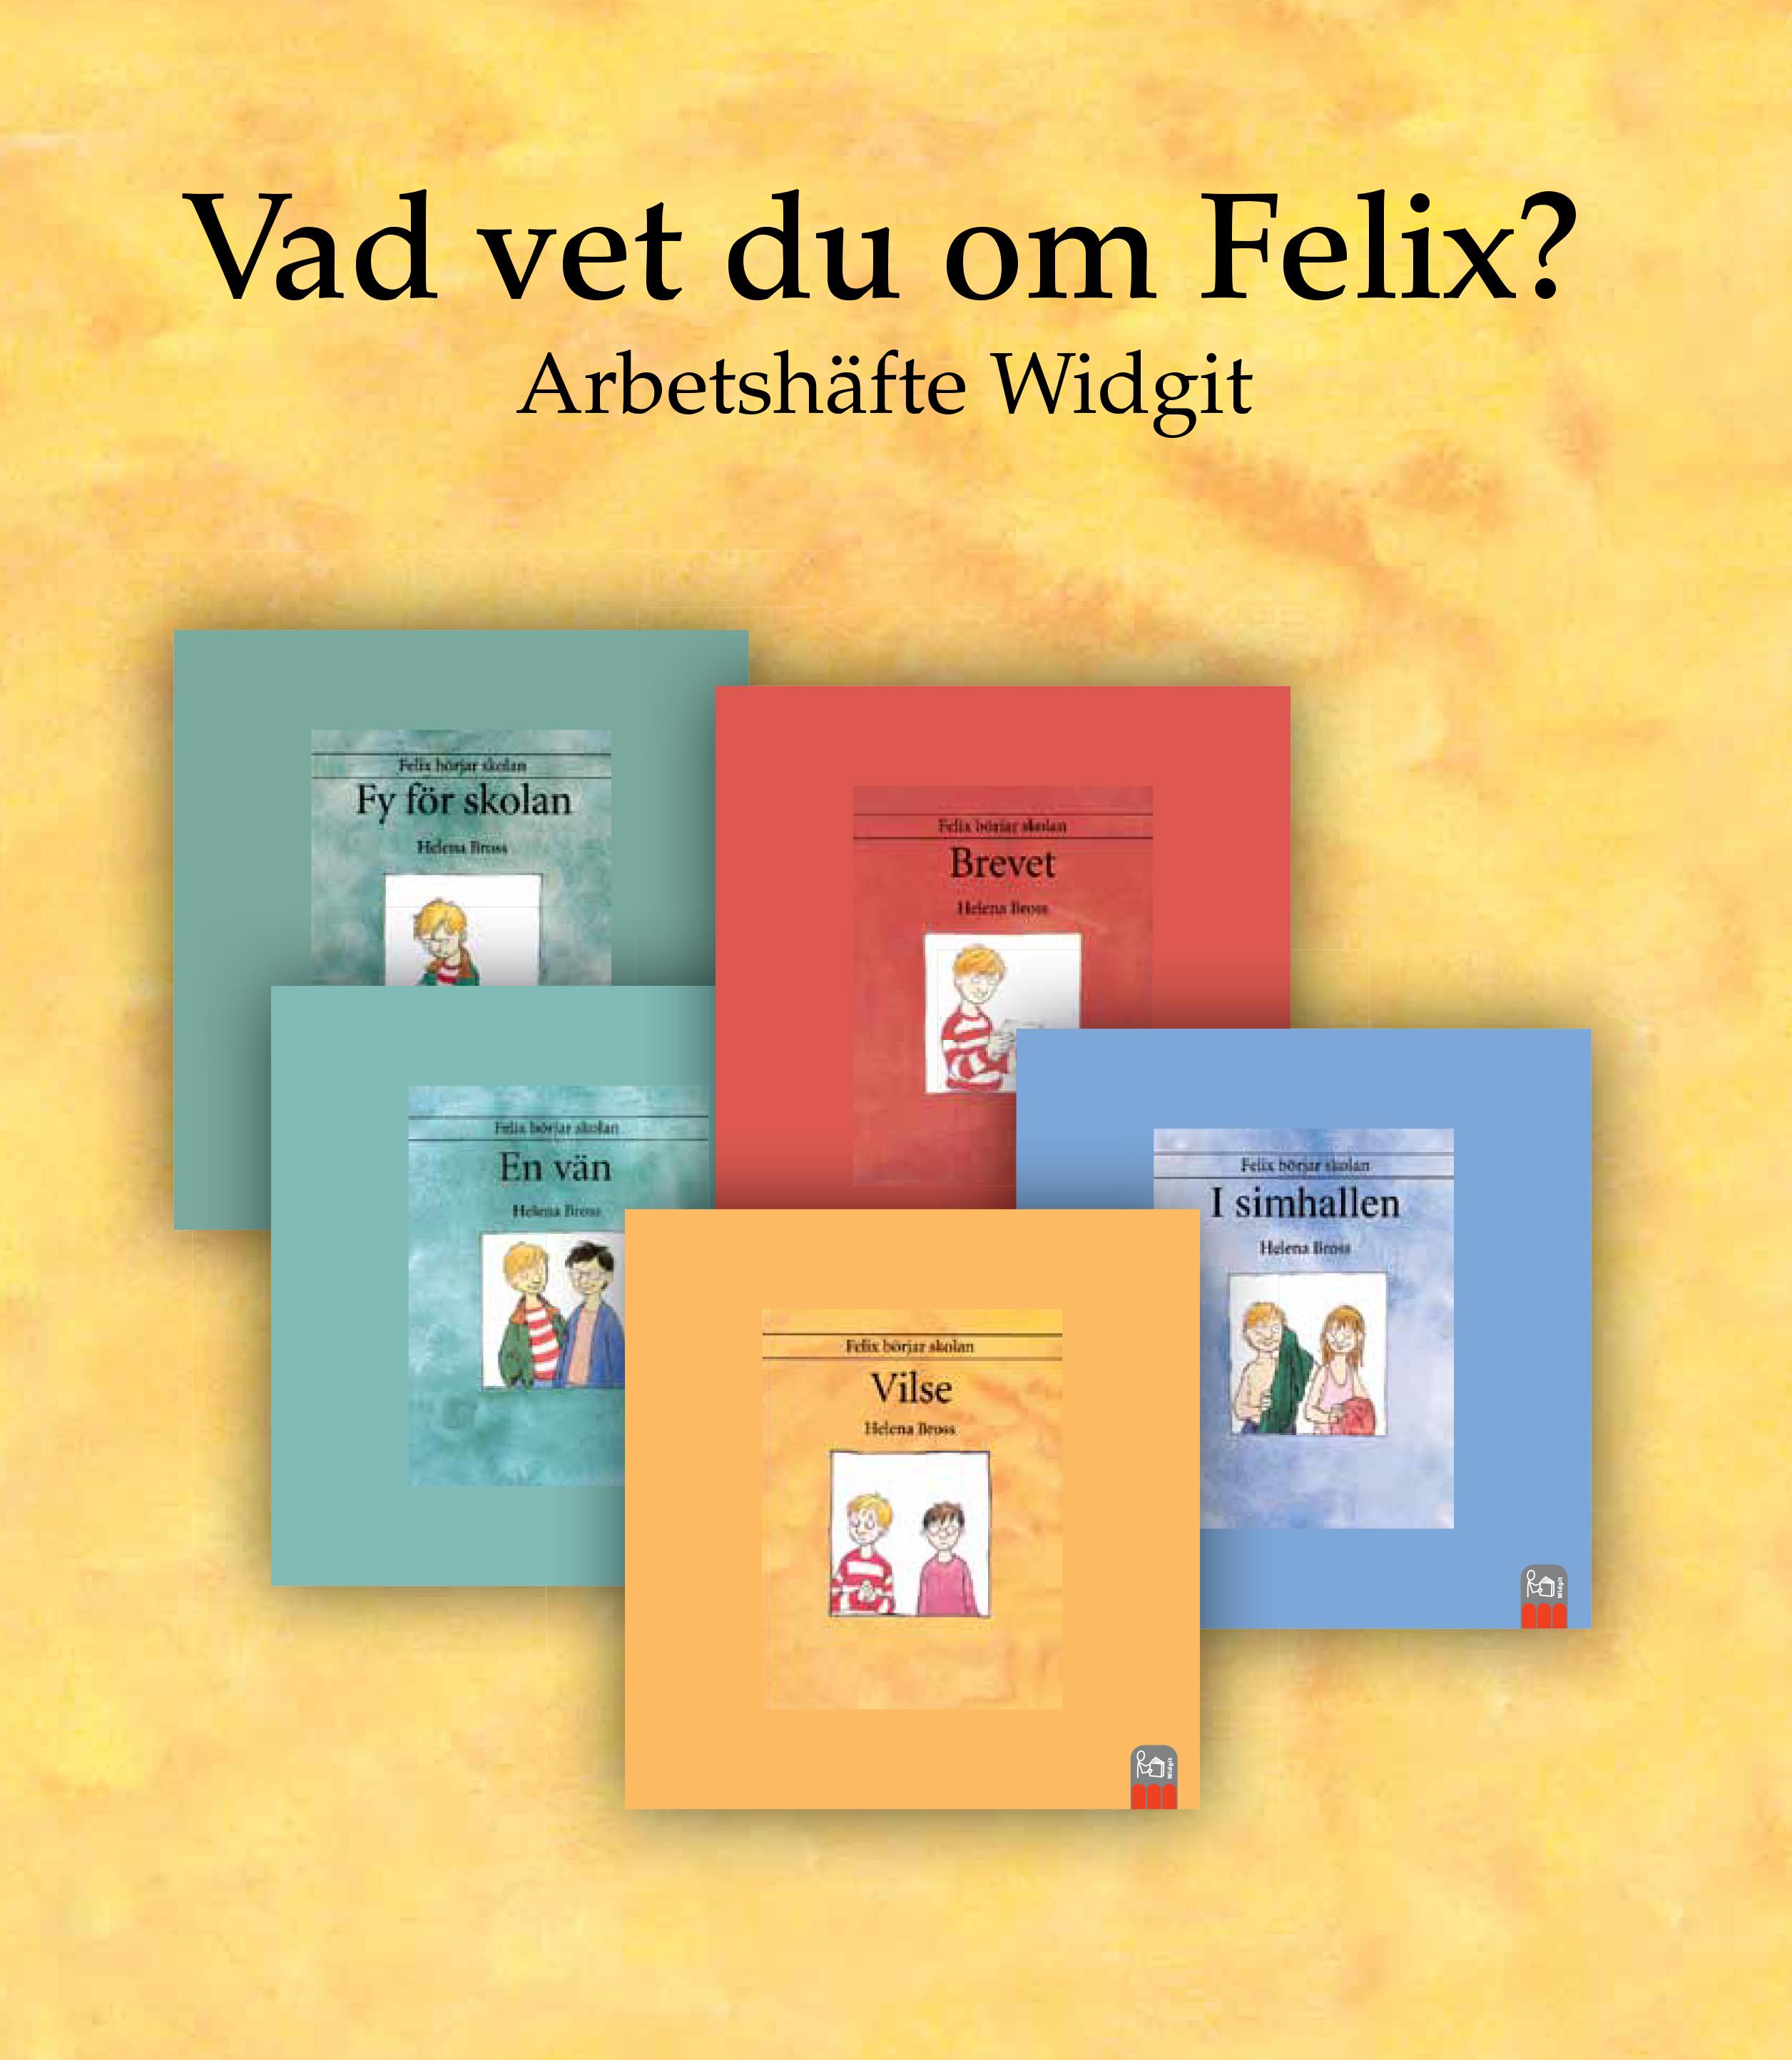 Felix i olika sammanhang som i skolan och en vän.